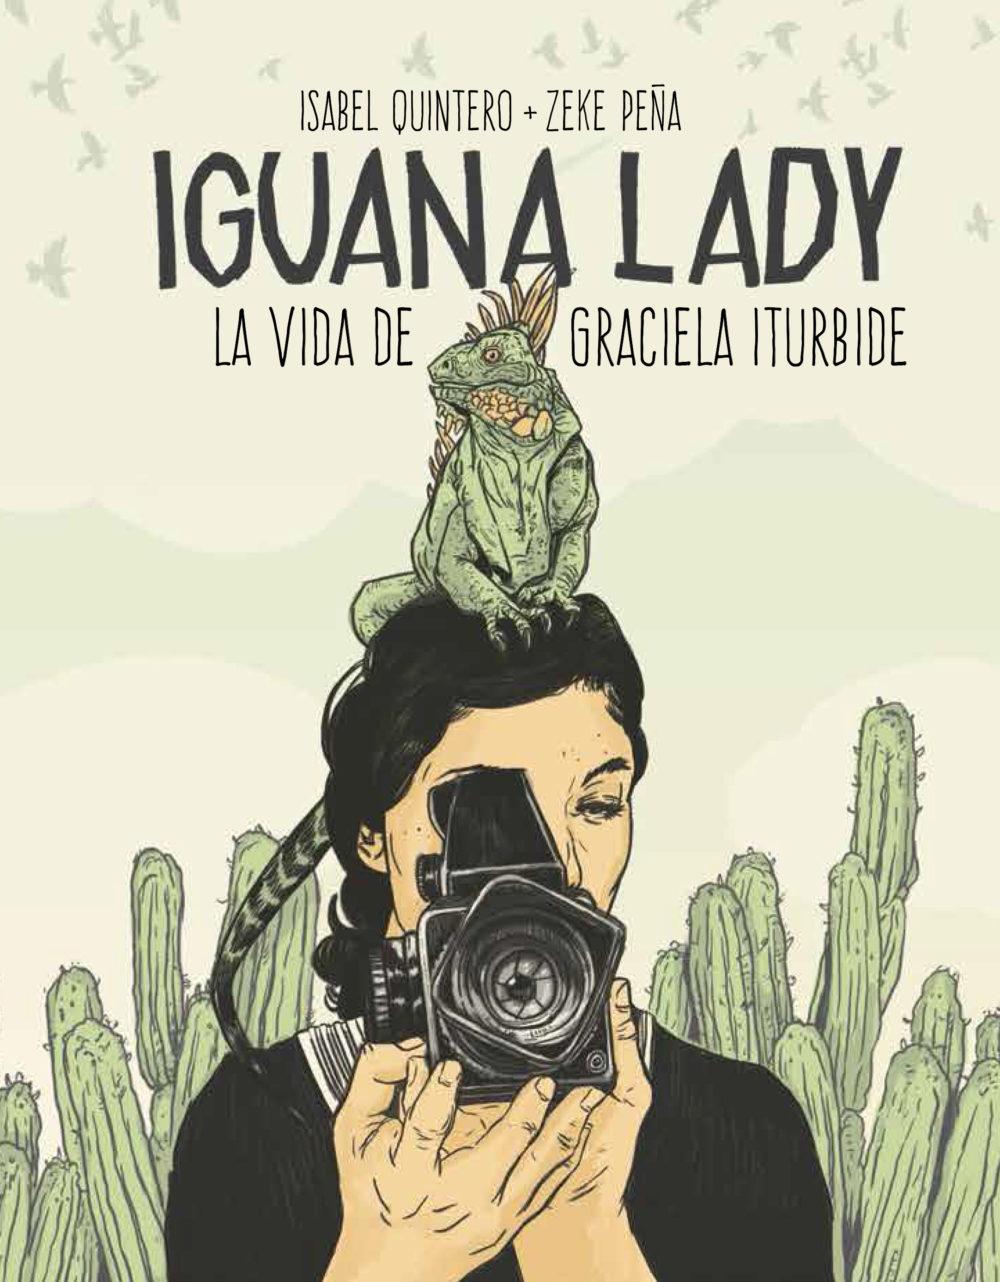 Iguana Lady, una biografía en viñetas de Graciela Iturbide